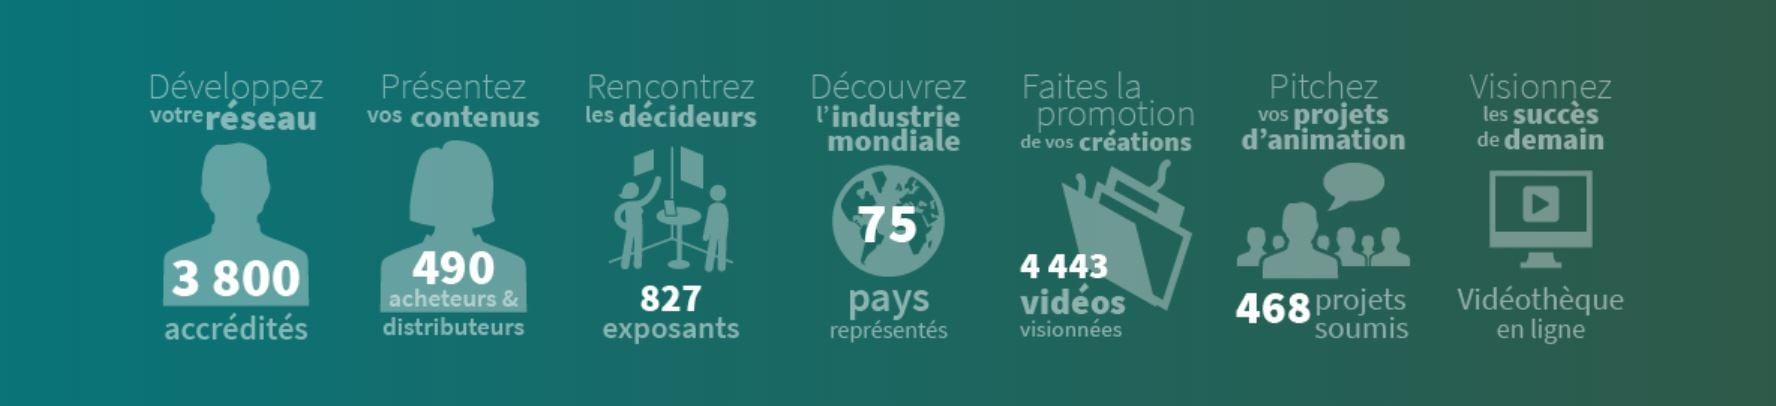 Infographie sur les chiffres du MIFA au festival d'Annecy, édition 2018